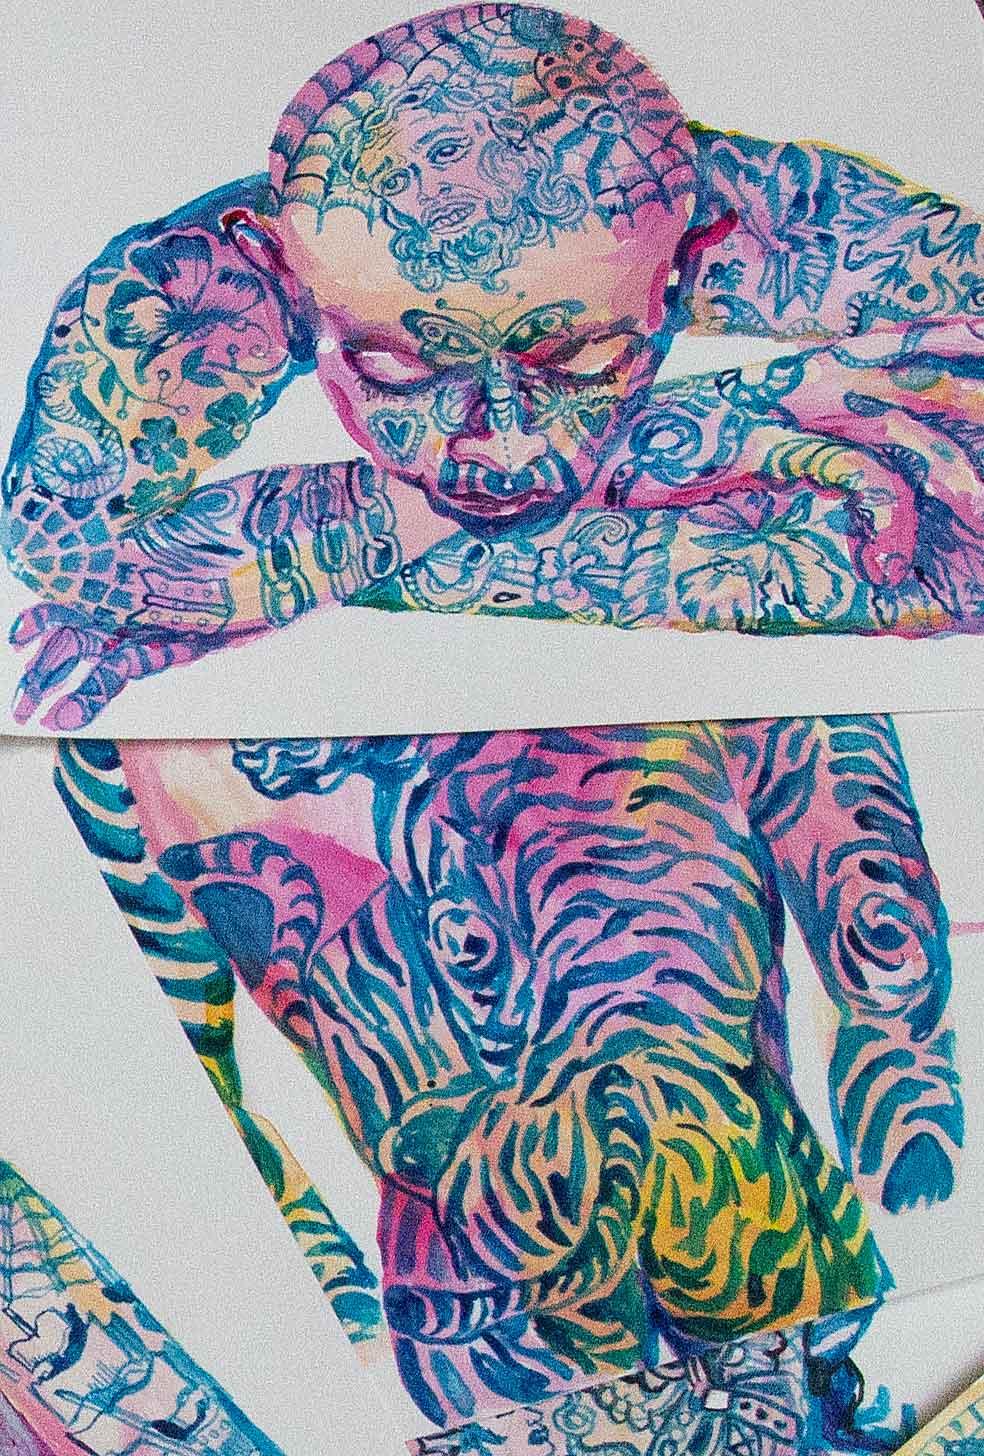 dessins-tatoos5